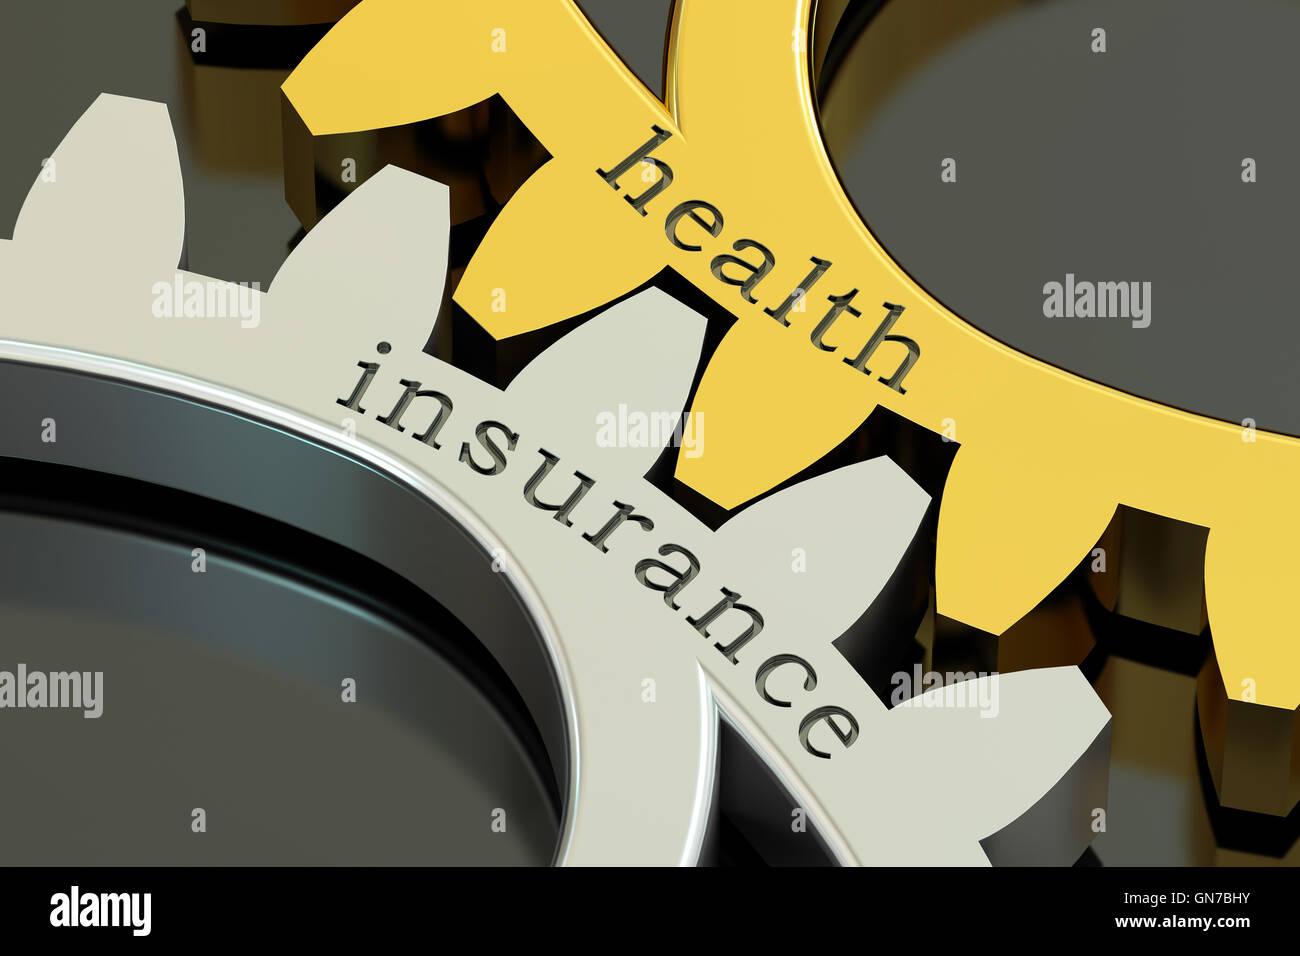 L'assurance-santé, de concept sur les roues dentées, 3D Rendering Photo Stock